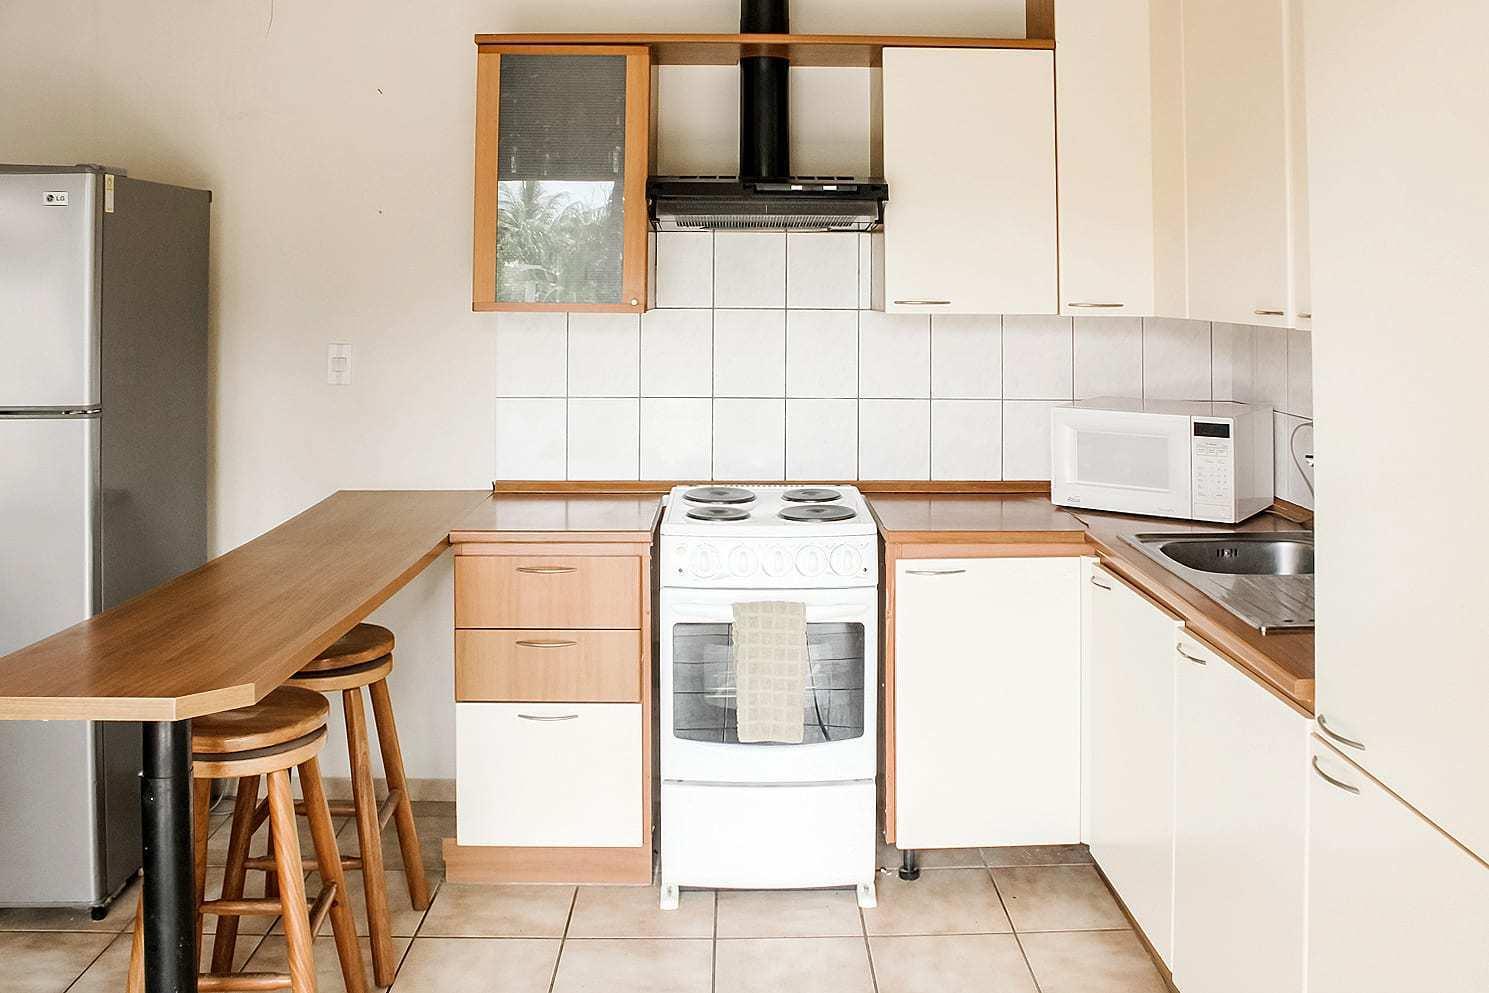 BL10 - Kitchen